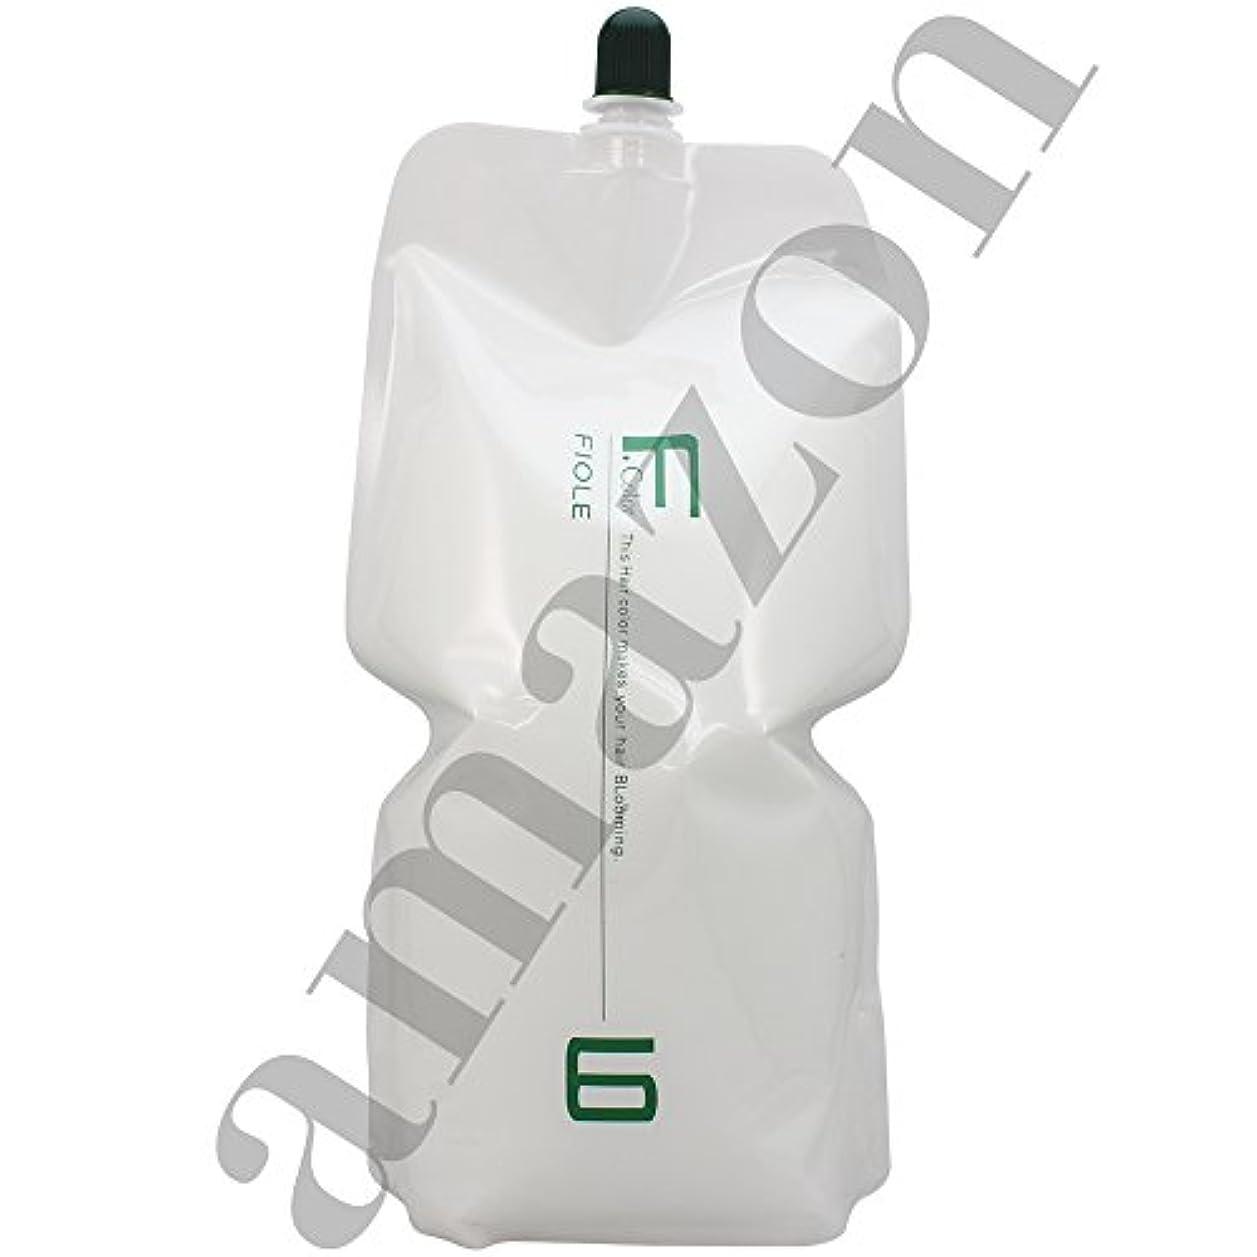 必要としているシンプトン細部フィヨーレ BLカラー OX 2000ml 染毛補助剤 第2剤 パウチ (OX6%)